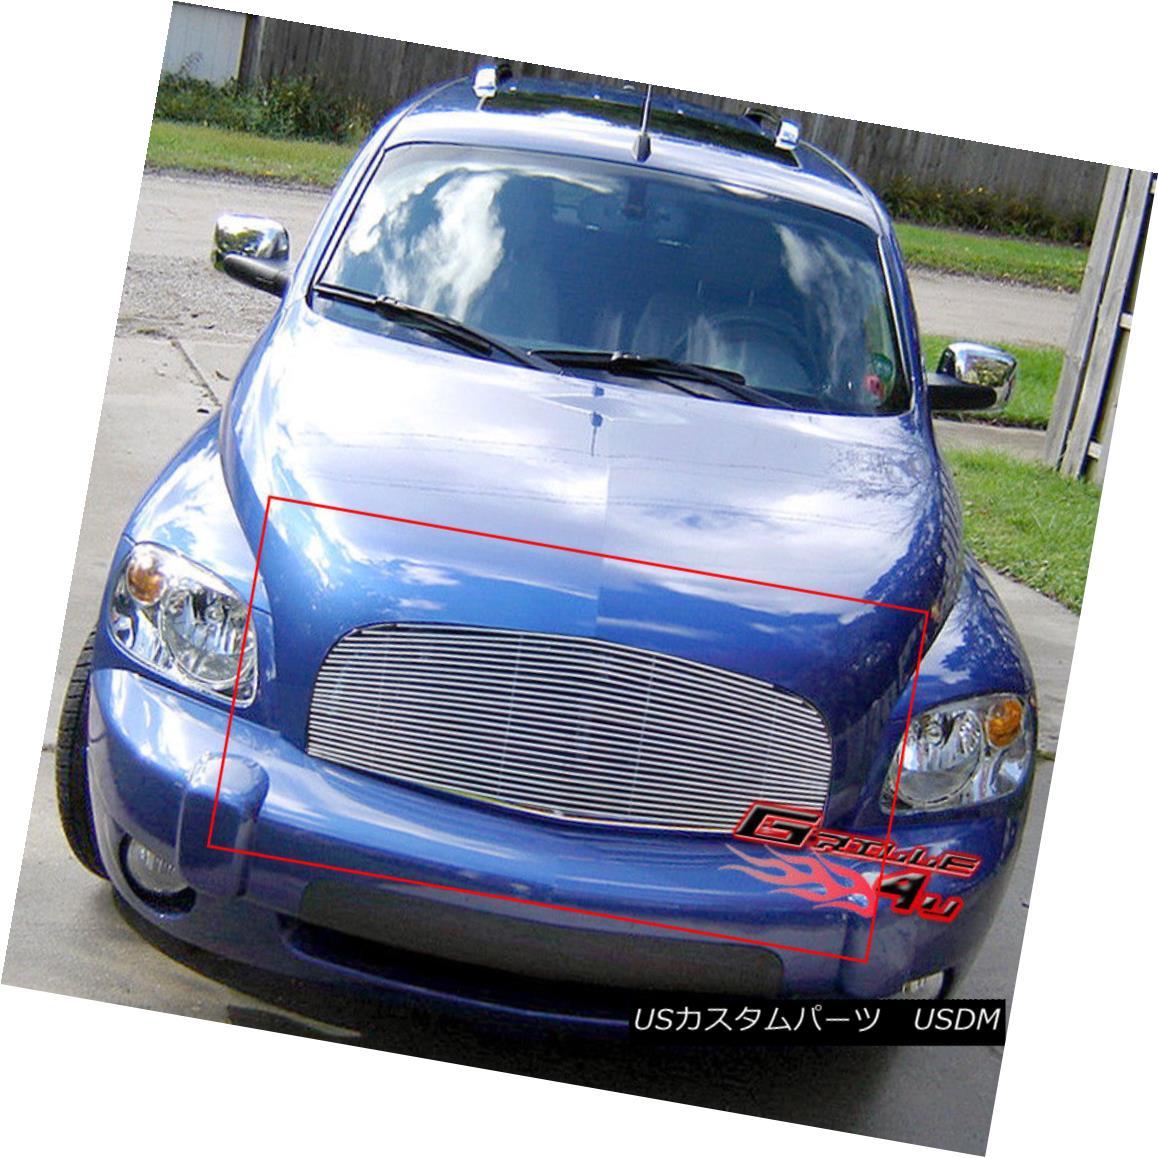 グリル Fits 06-10 Chevy HHR Main Upper Billet Grille Insert フィット06-10シボレーHHRメインアッパービレットグリルインサート, 有田みかん農園いしよし ce476c68